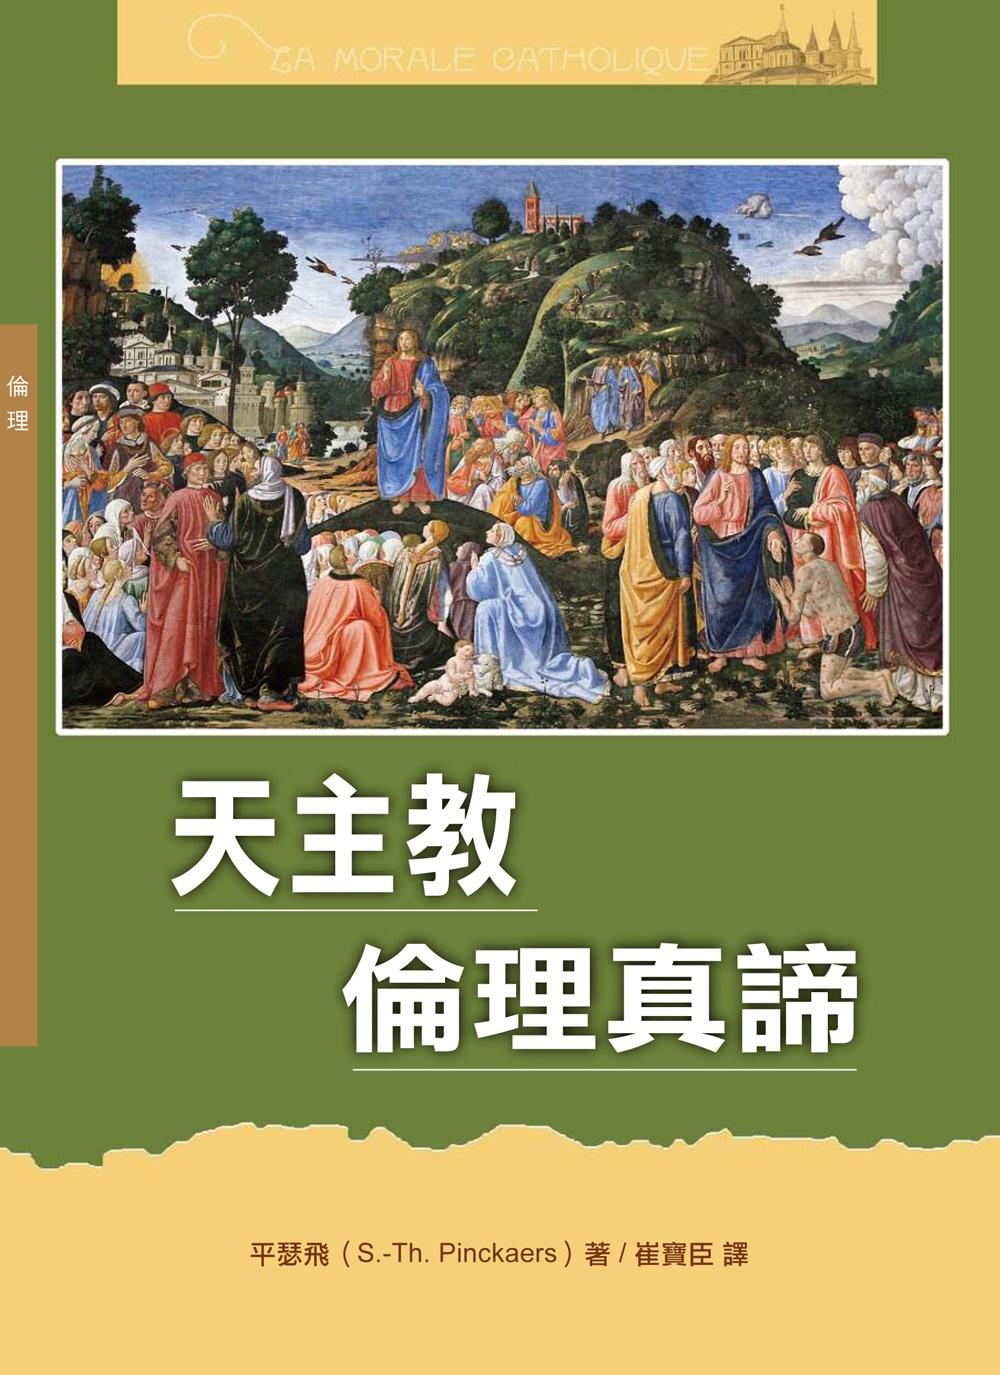 天主教倫理真諦(神叢135)